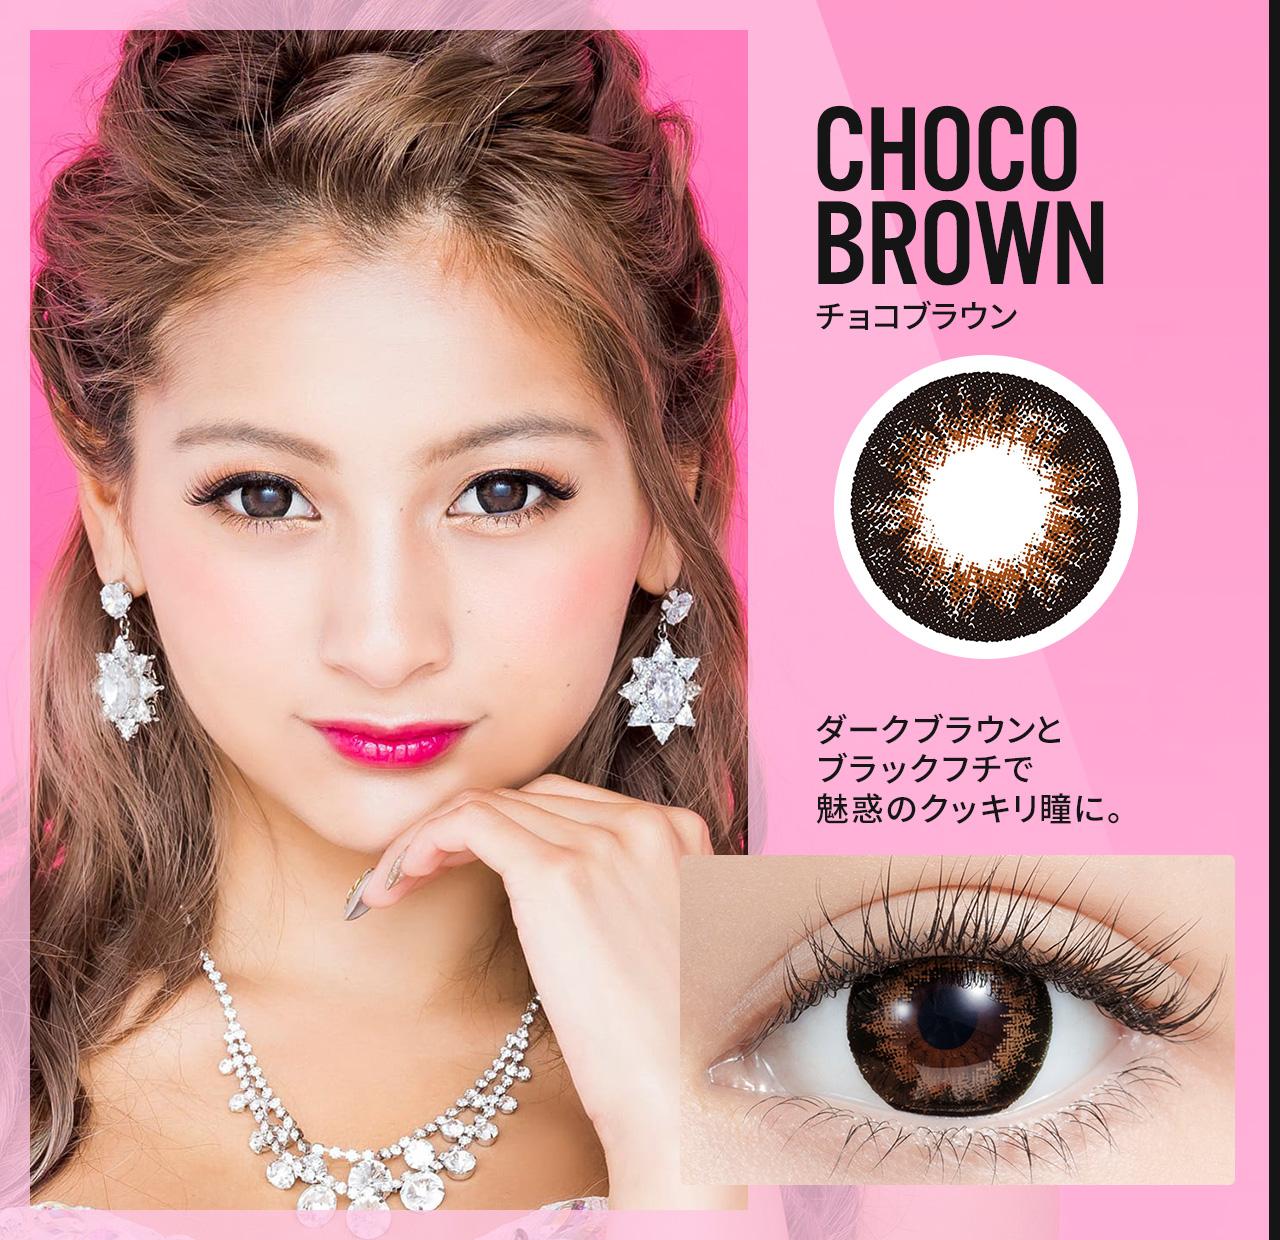 CHOCO BROWN チョコブラウン